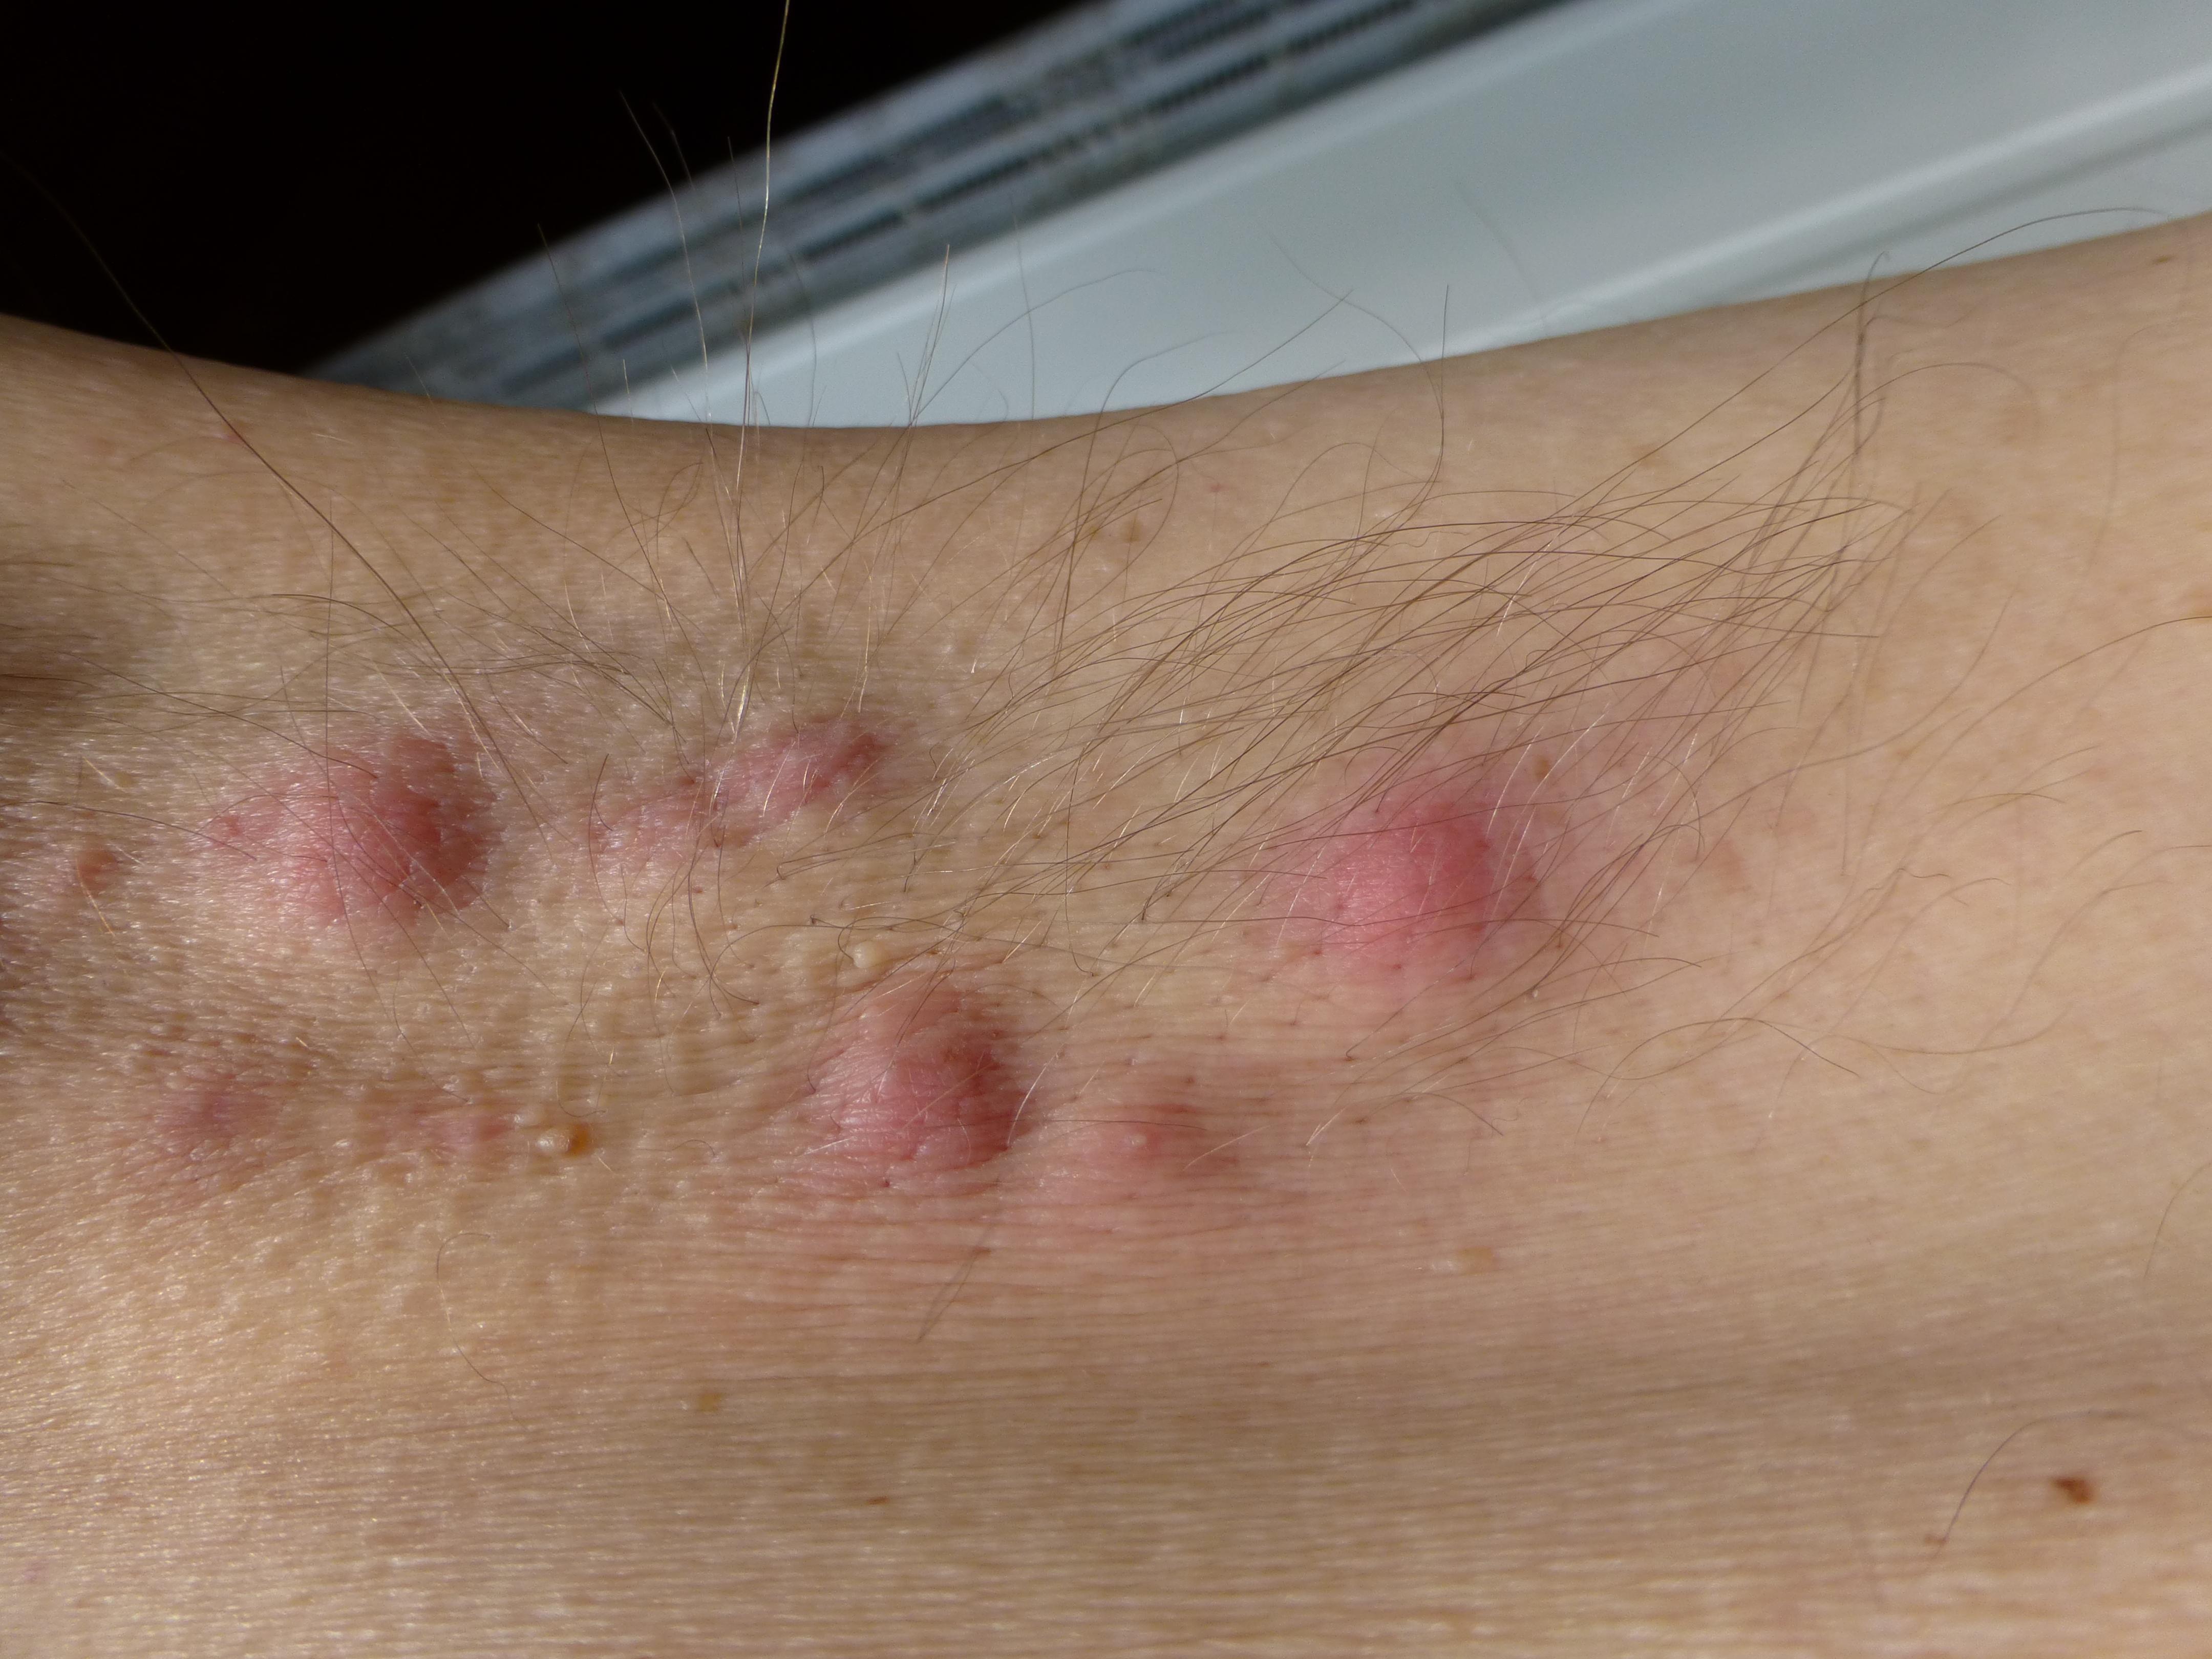 Vid hidradenitis suppurativa (acne inversa) kan smärtsamma knölar och varbölder och så kallade fistlar (gångar) bildas i huden.